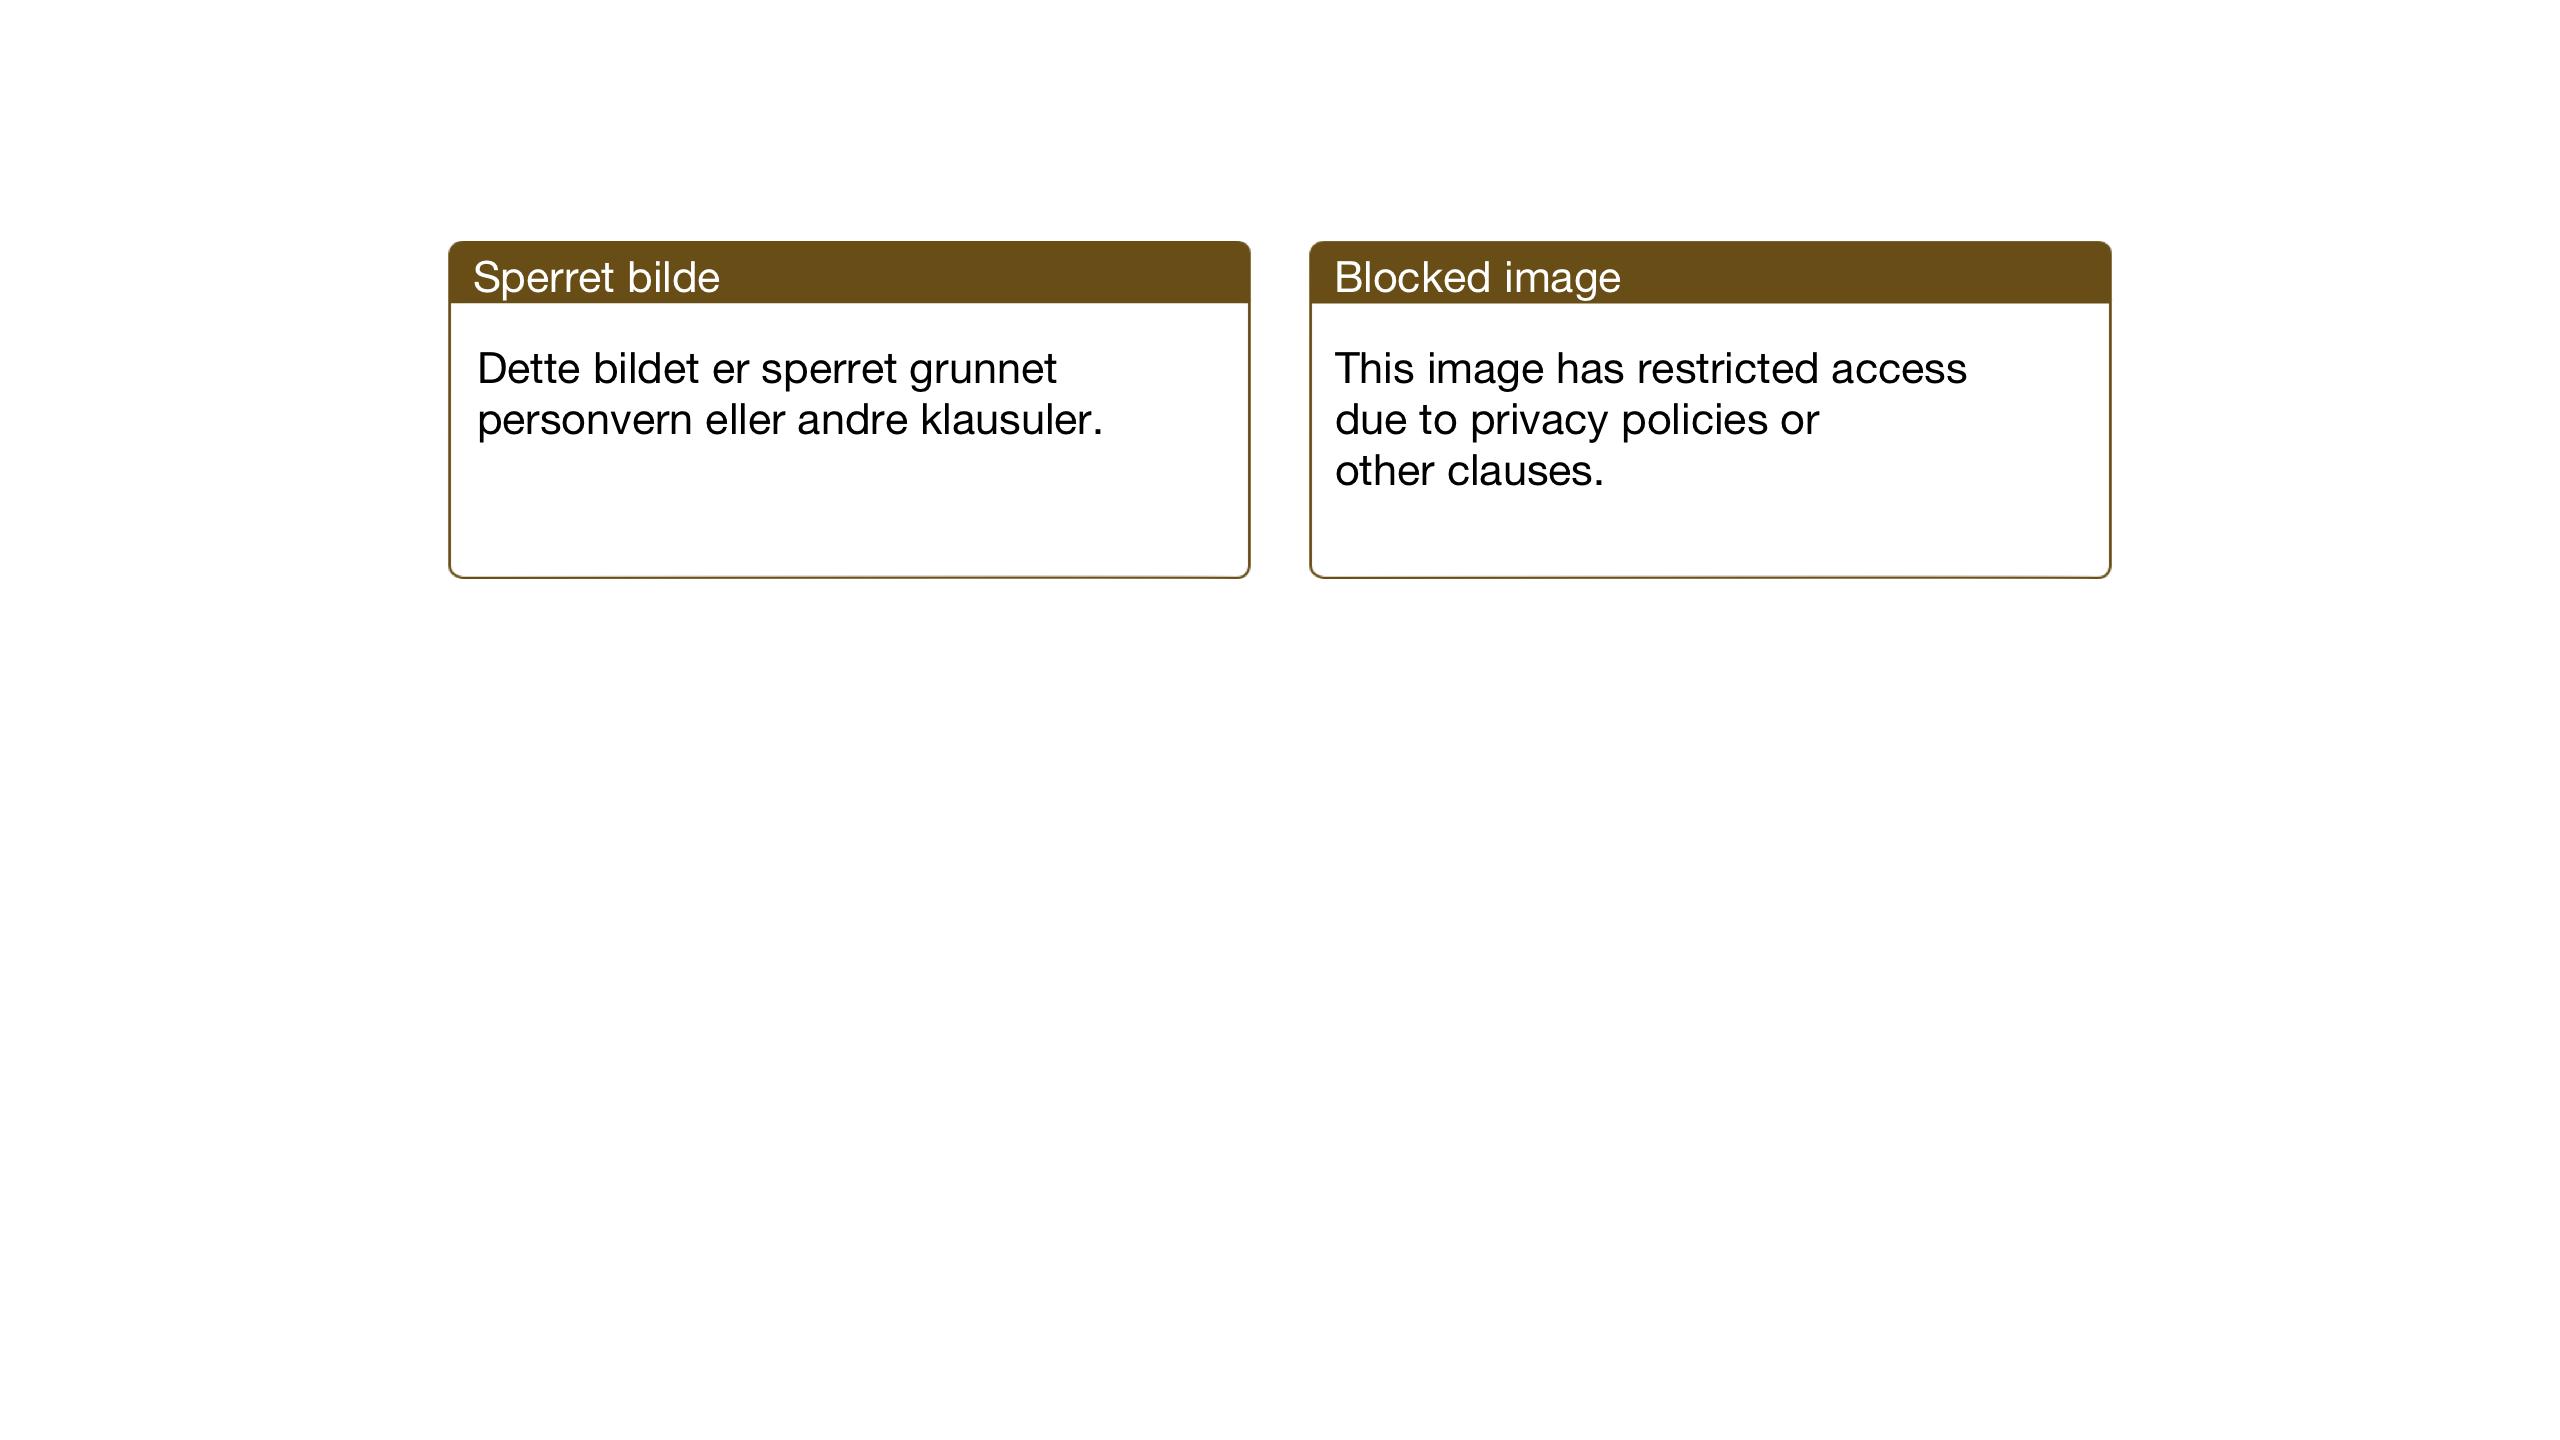 SAT, Ministerialprotokoller, klokkerbøker og fødselsregistre - Nord-Trøndelag, 773/L0625: Klokkerbok nr. 773C01, 1910-1952, s. 161